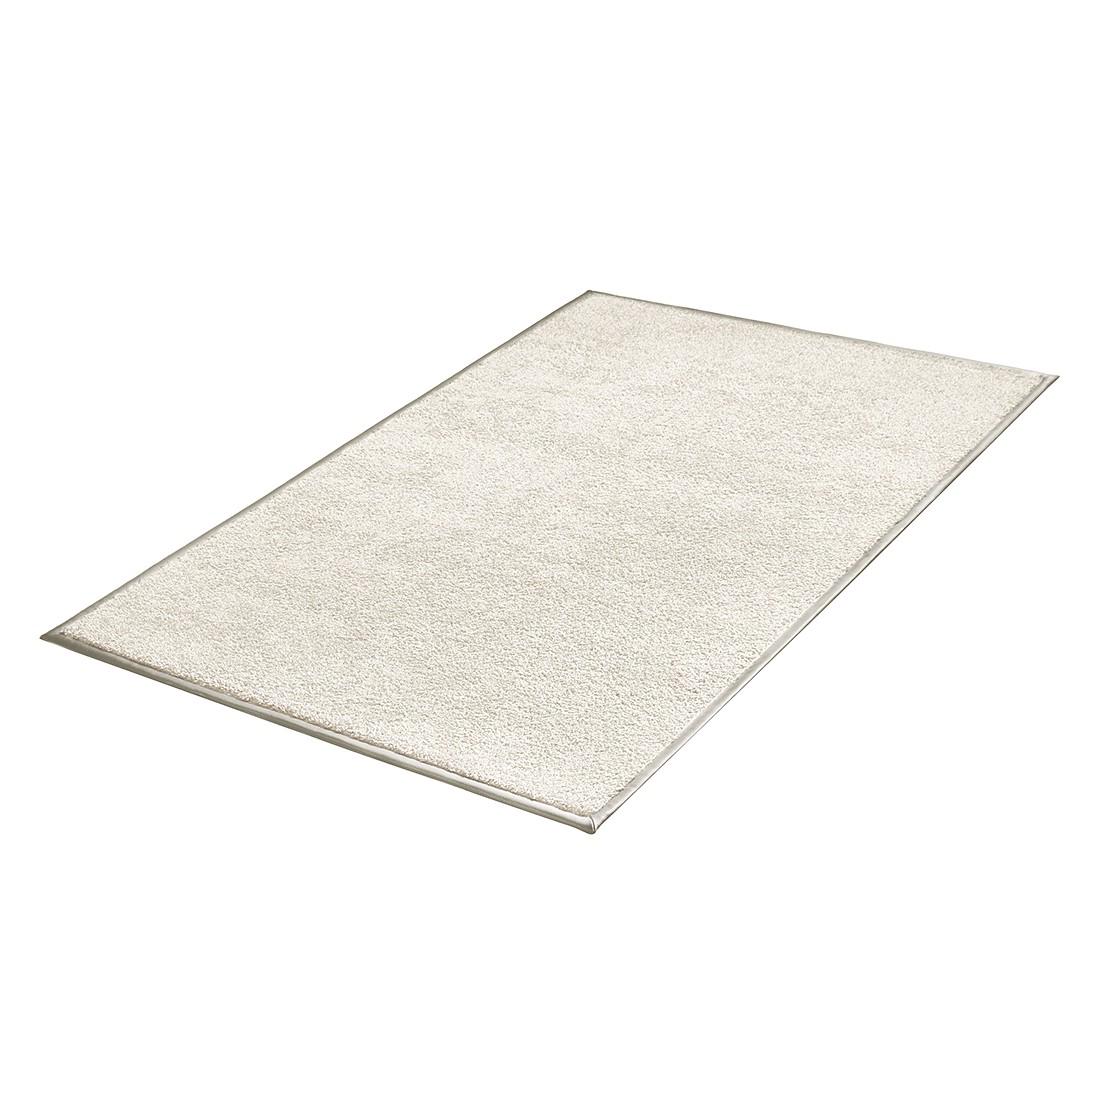 Teppich Noblesse Exclusiv – Creme – 67 x 133 cm, DEKOWE jetzt kaufen